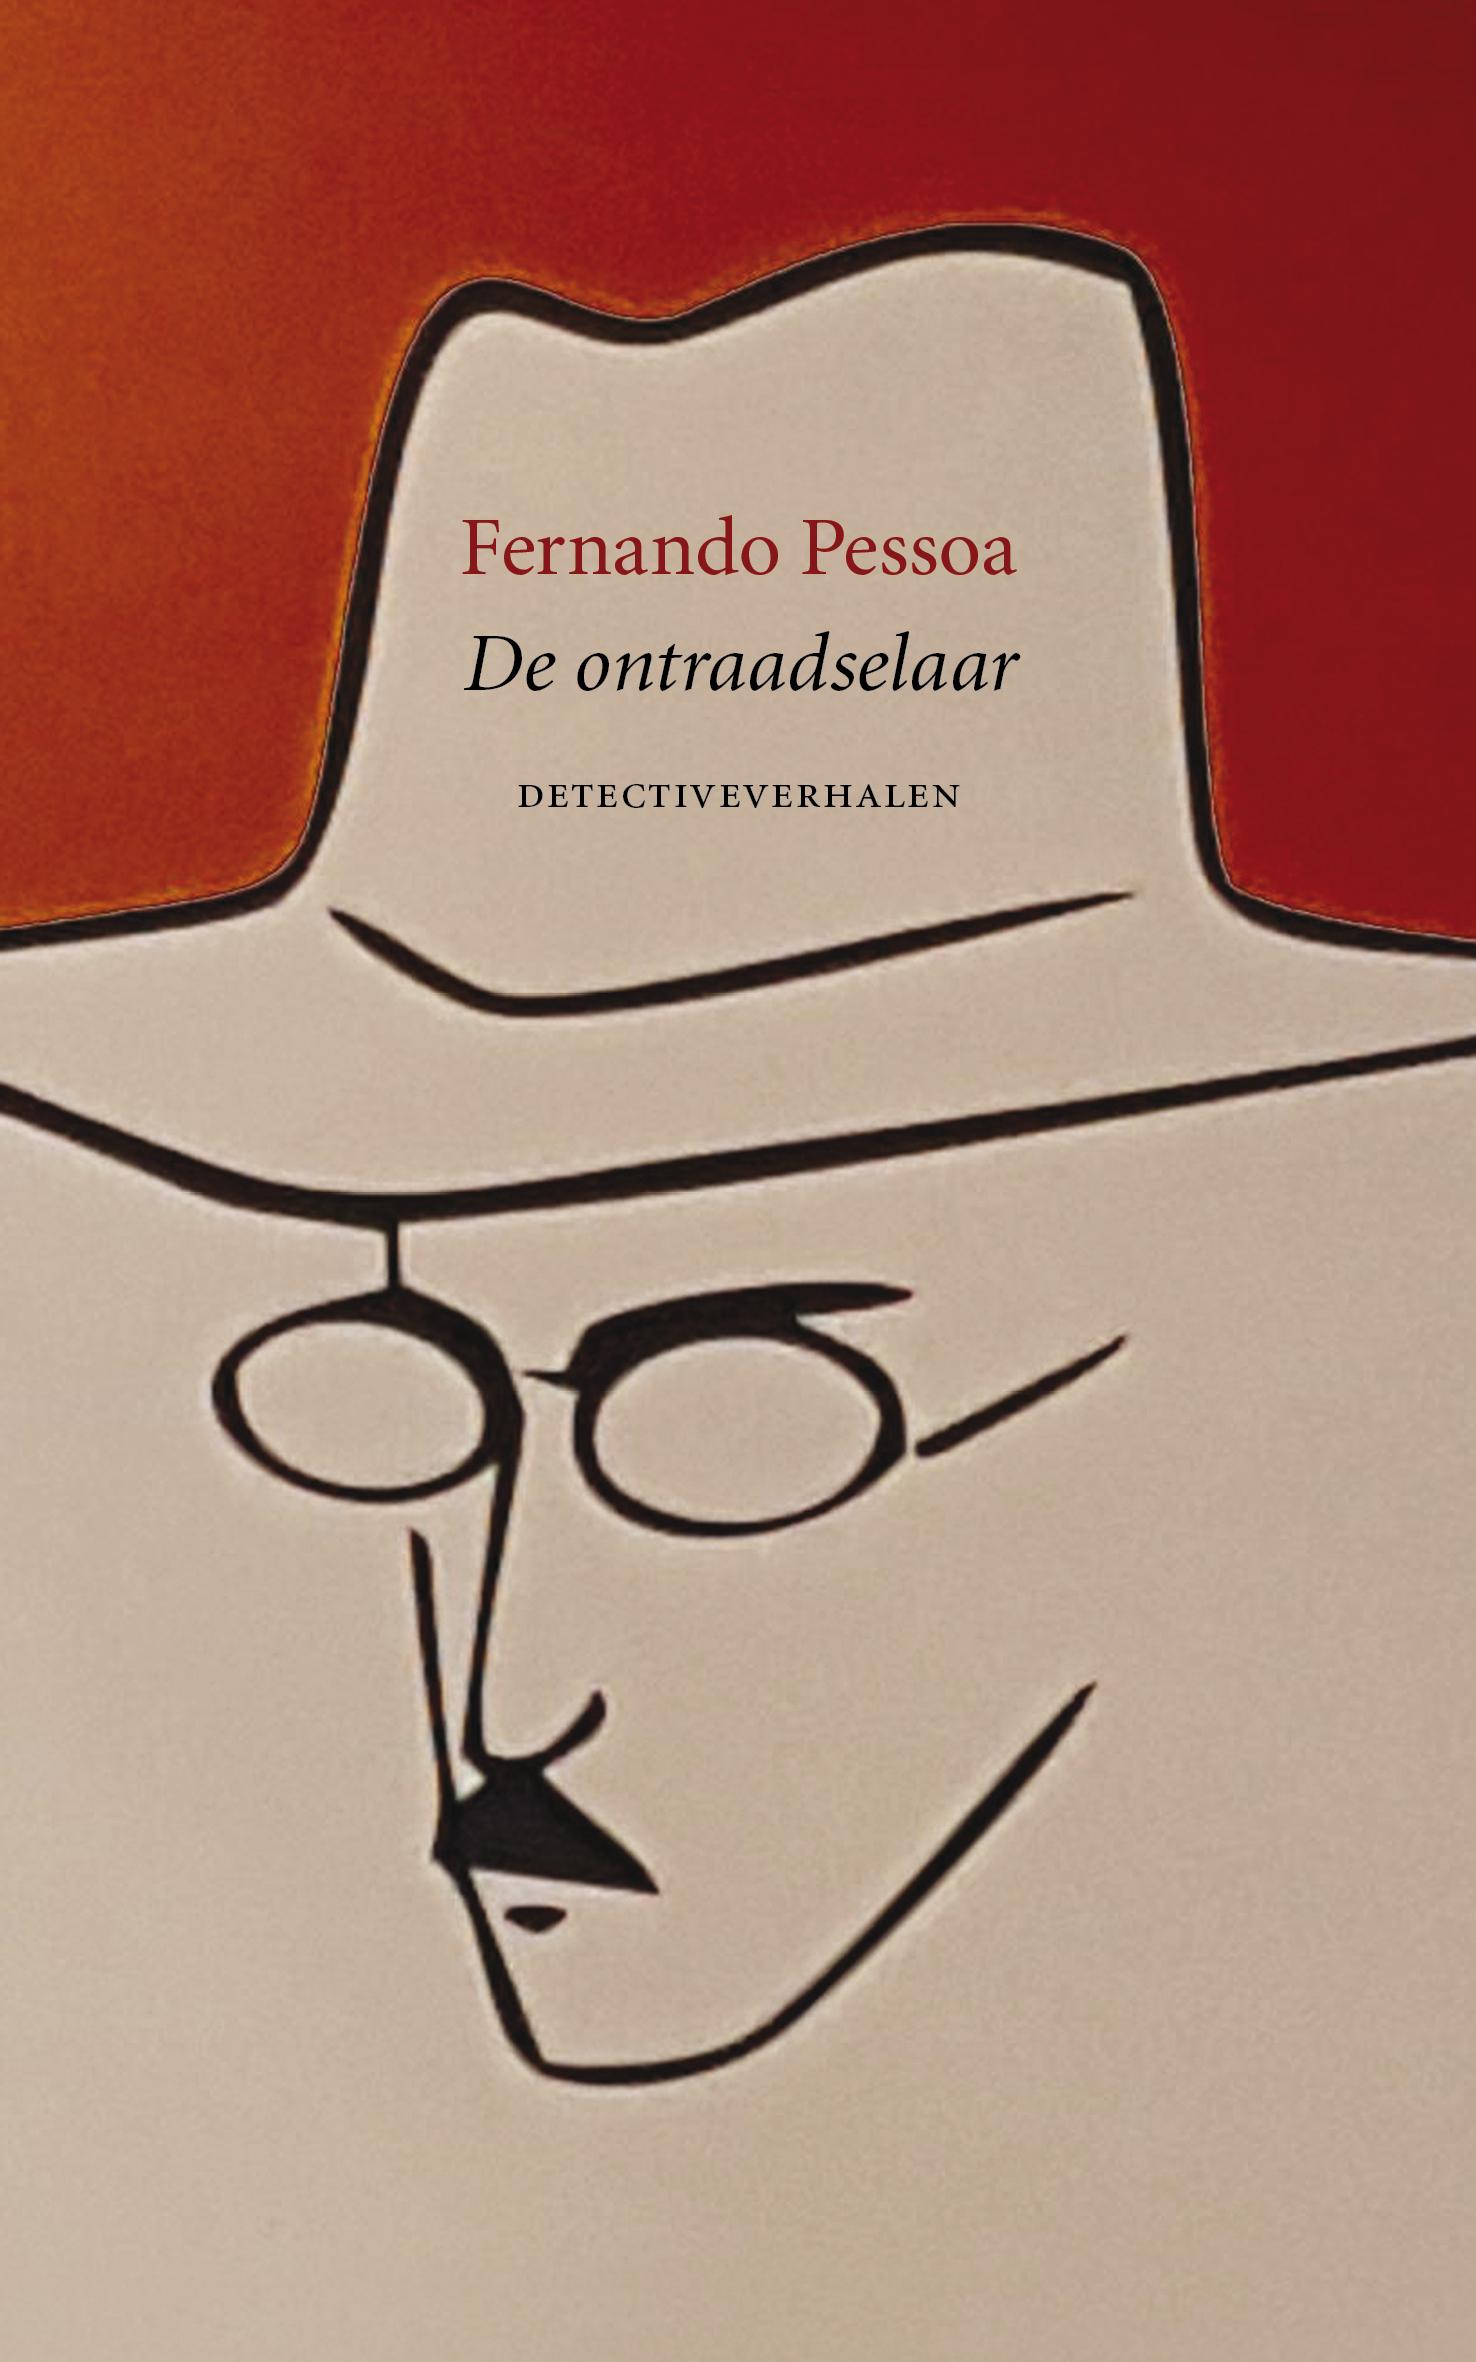 De ontraadselaar – Fernando Pessoa